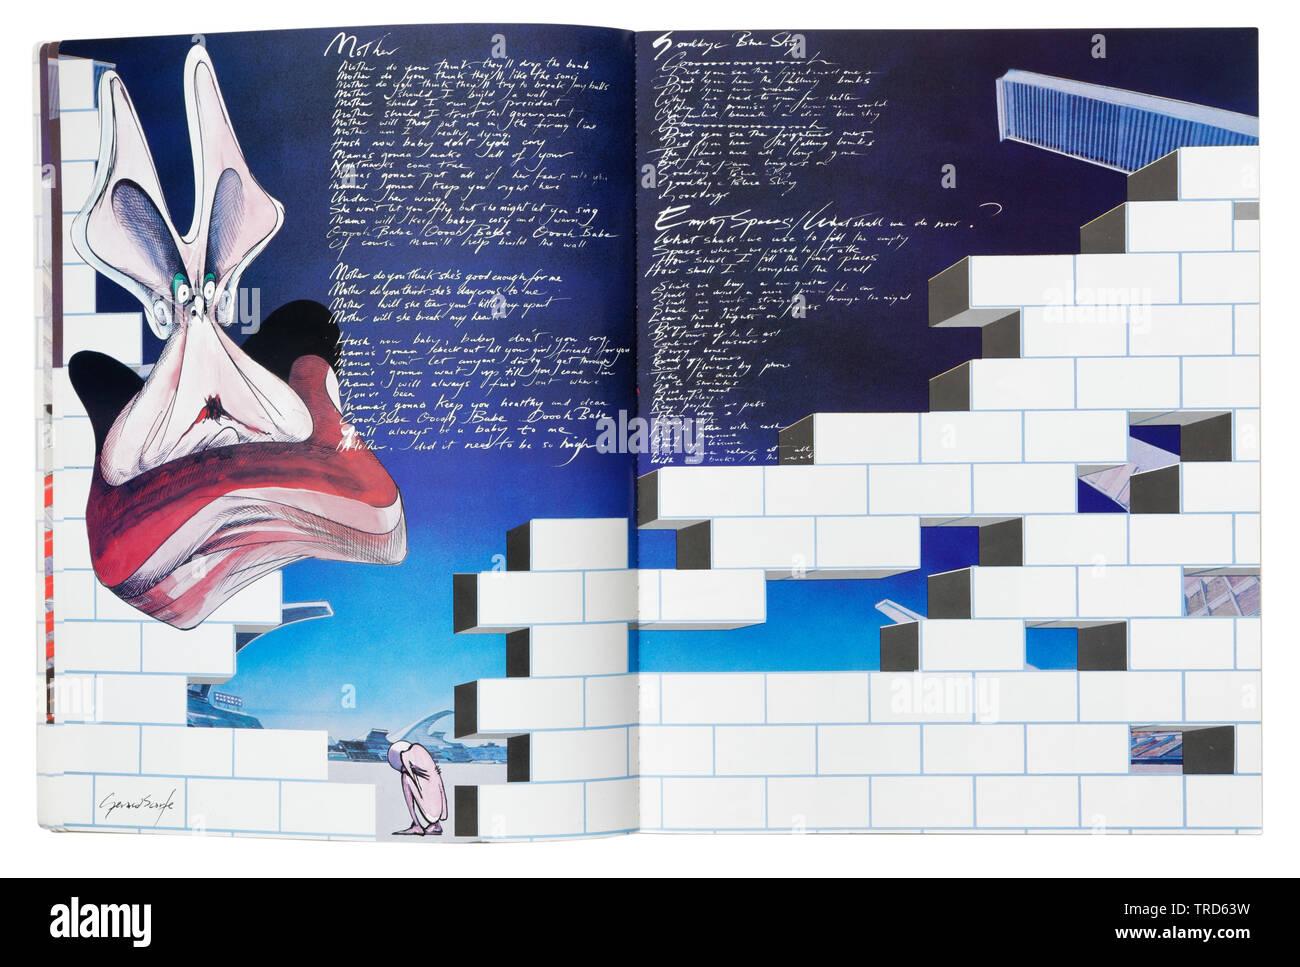 Abbildungen aus dem Film von Gerald Scarfe und Songtexte in der Pink Floyd The Wall Gitarre Tabulatur Buch Stockbild